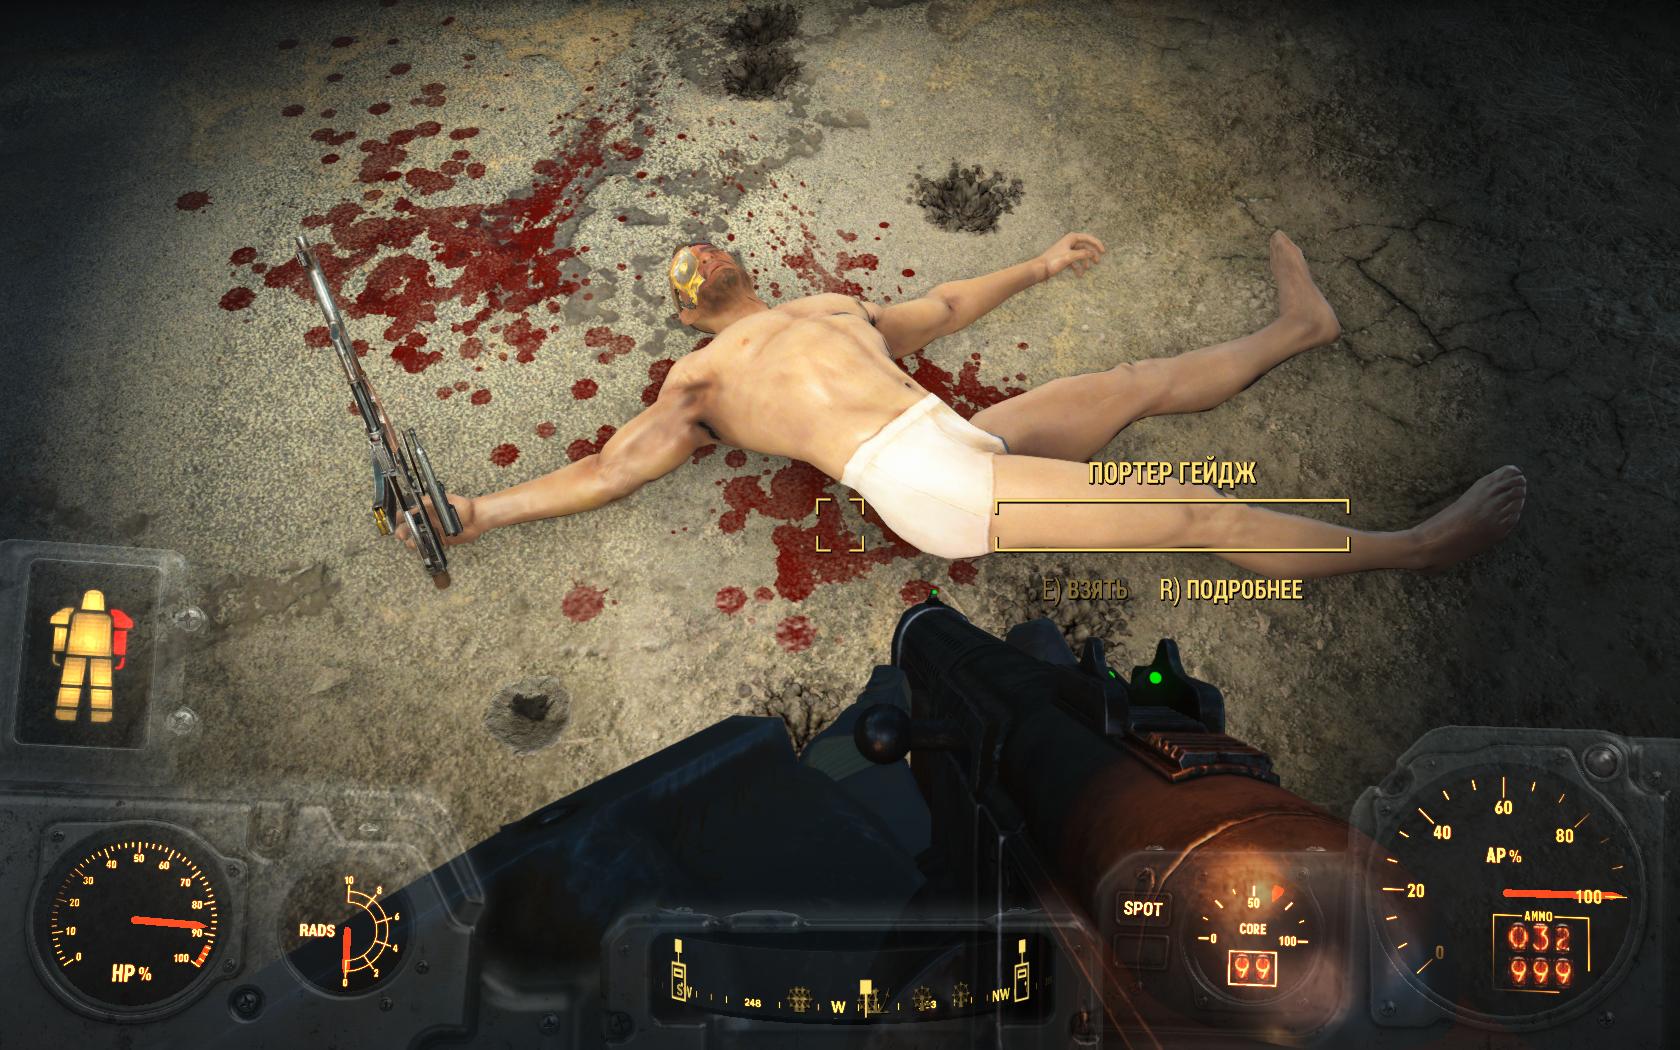 Убийство всех рейдеров - Портер Гейдж (свою пушку не отдал!) (Ядер-Мир) - Fallout 4 Nuka-World, Гейдж, Портер, Портер Гейдж, Ядер-Мир